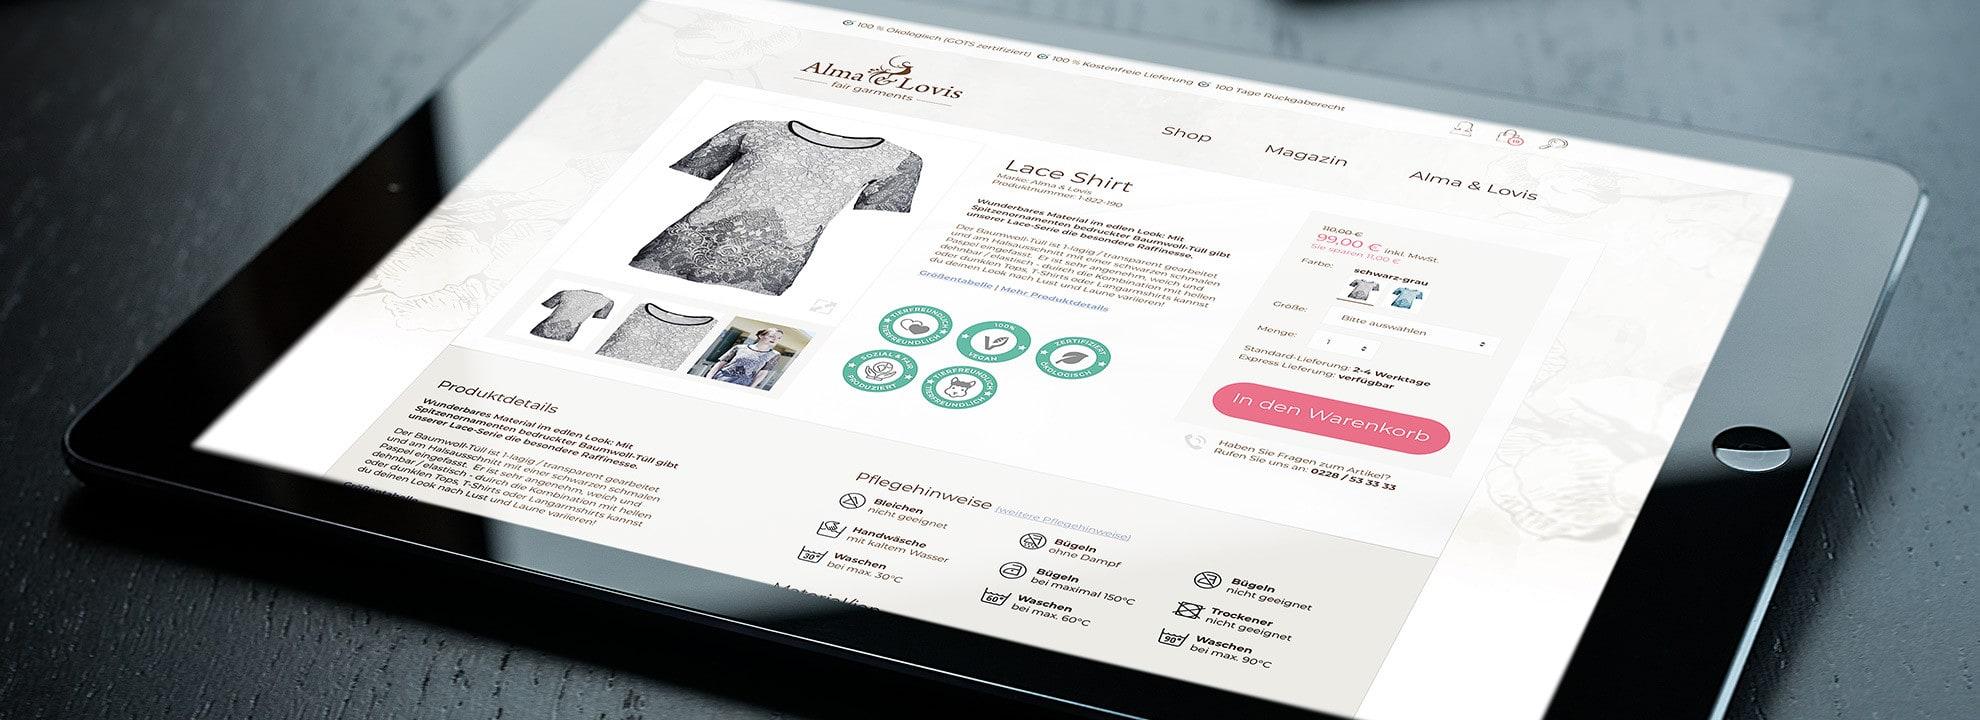 Online-Agentur für die gesamte E-Commerce-Branche